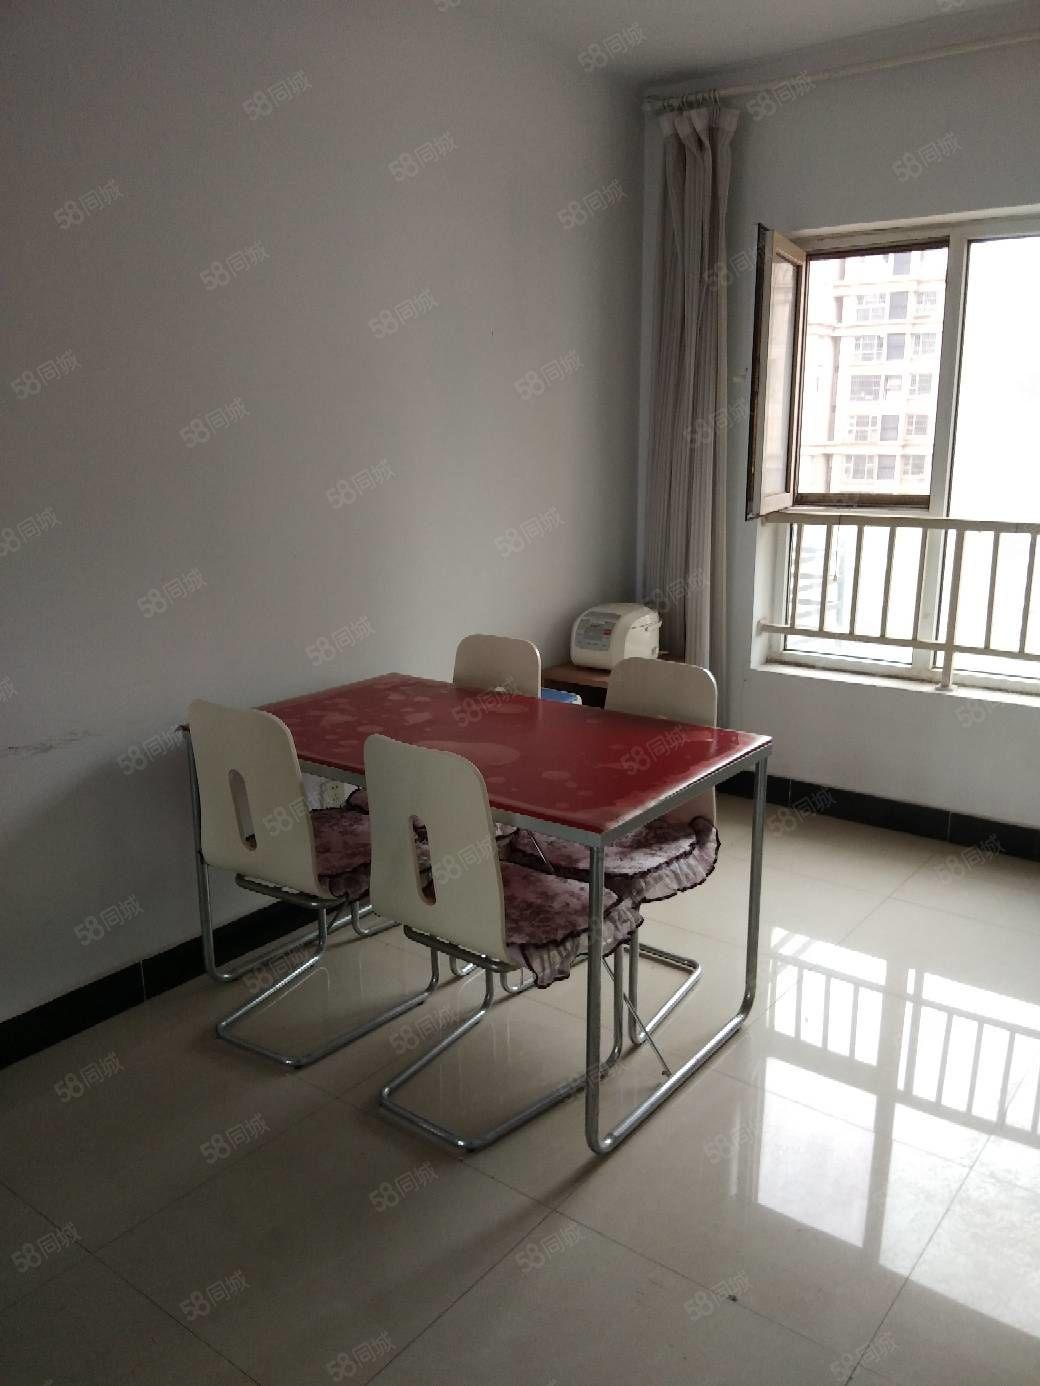 翔云家園108平米南北通透兩室兩廳一位回遷房